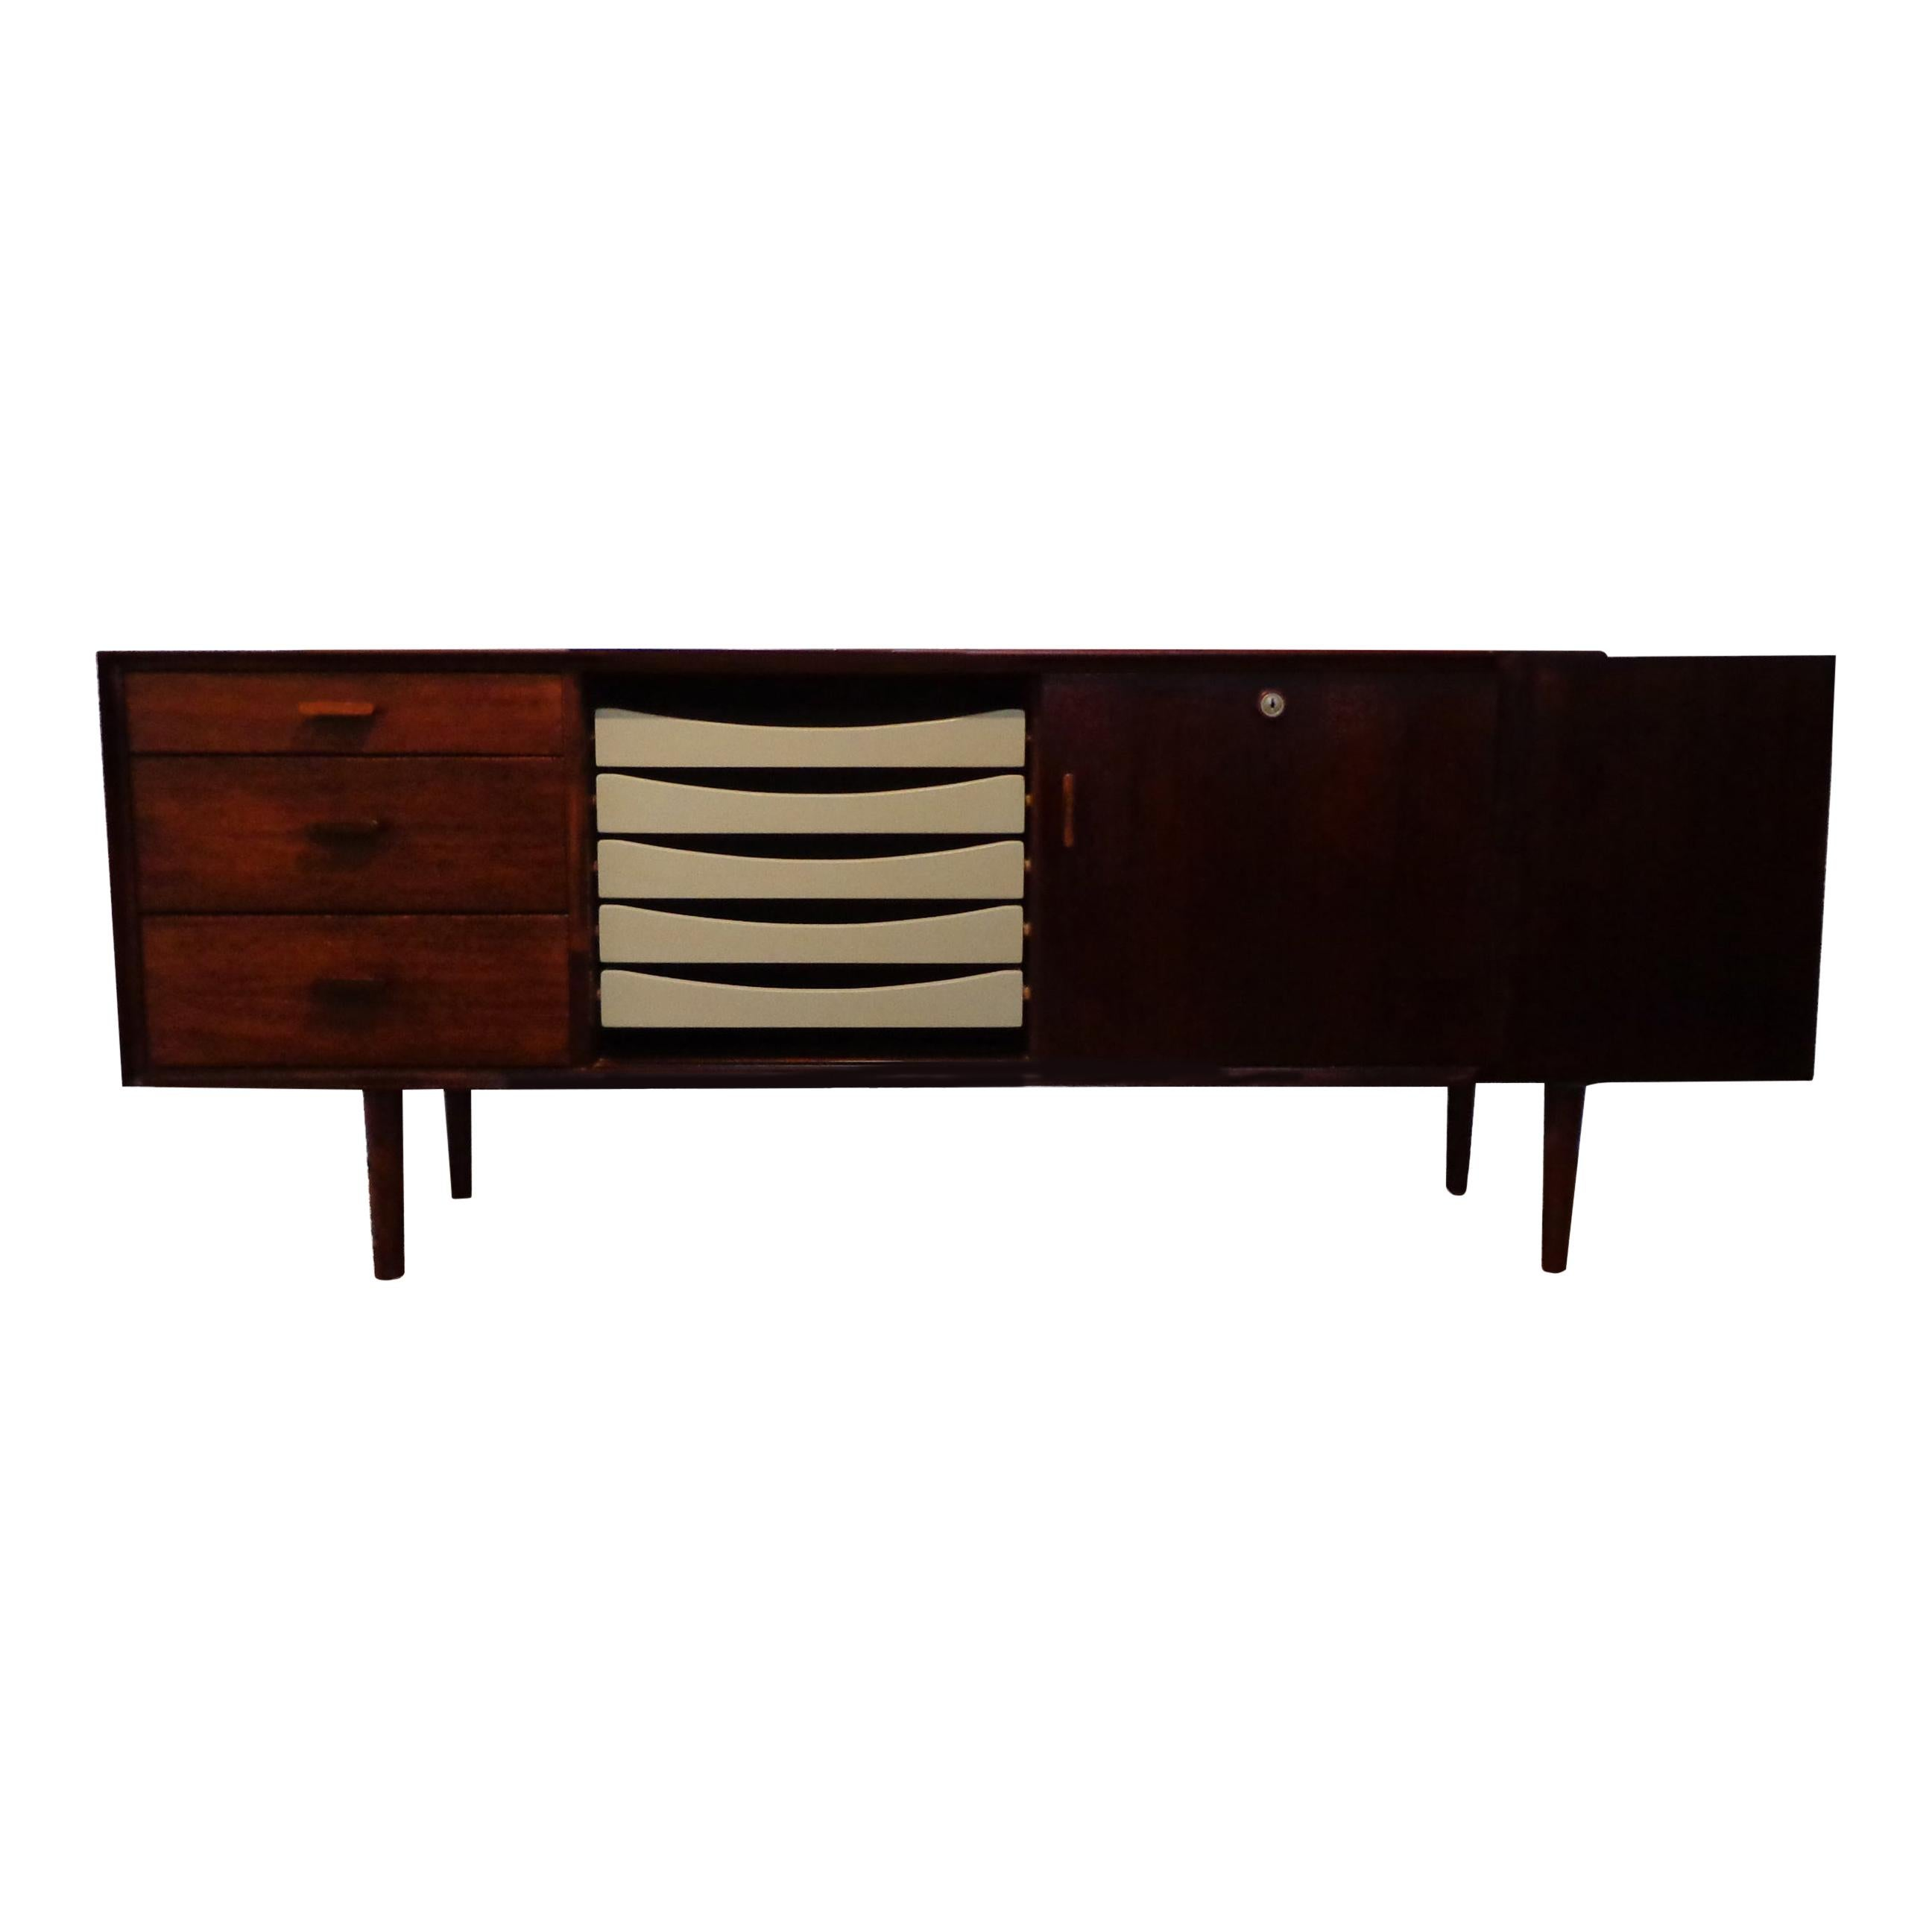 Arne Vodder rosewood sideboard by Sibast Møbler, Danish 1950s